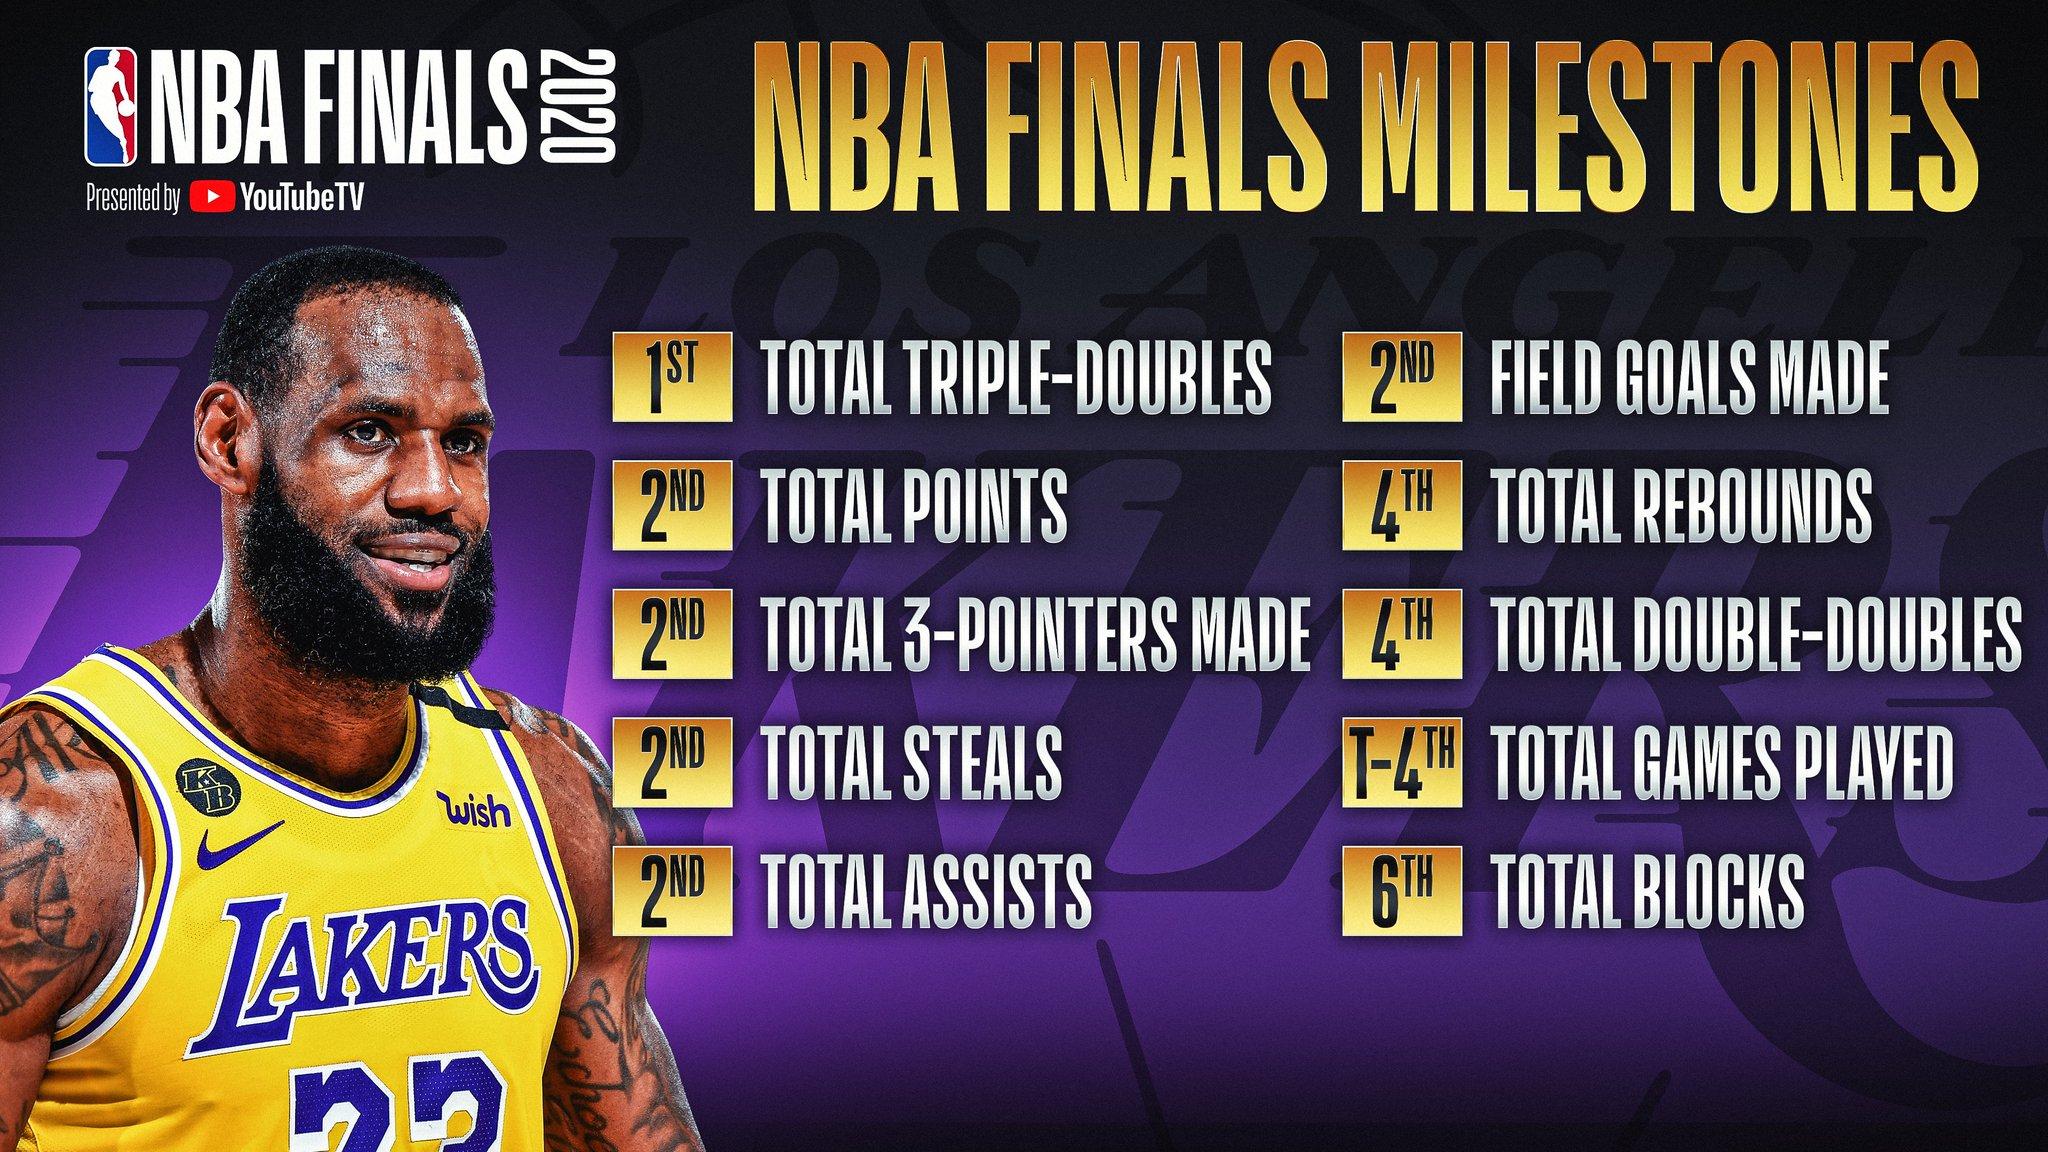 行走的记录册!NBA官推多图总结詹姆斯总决赛纪录大全